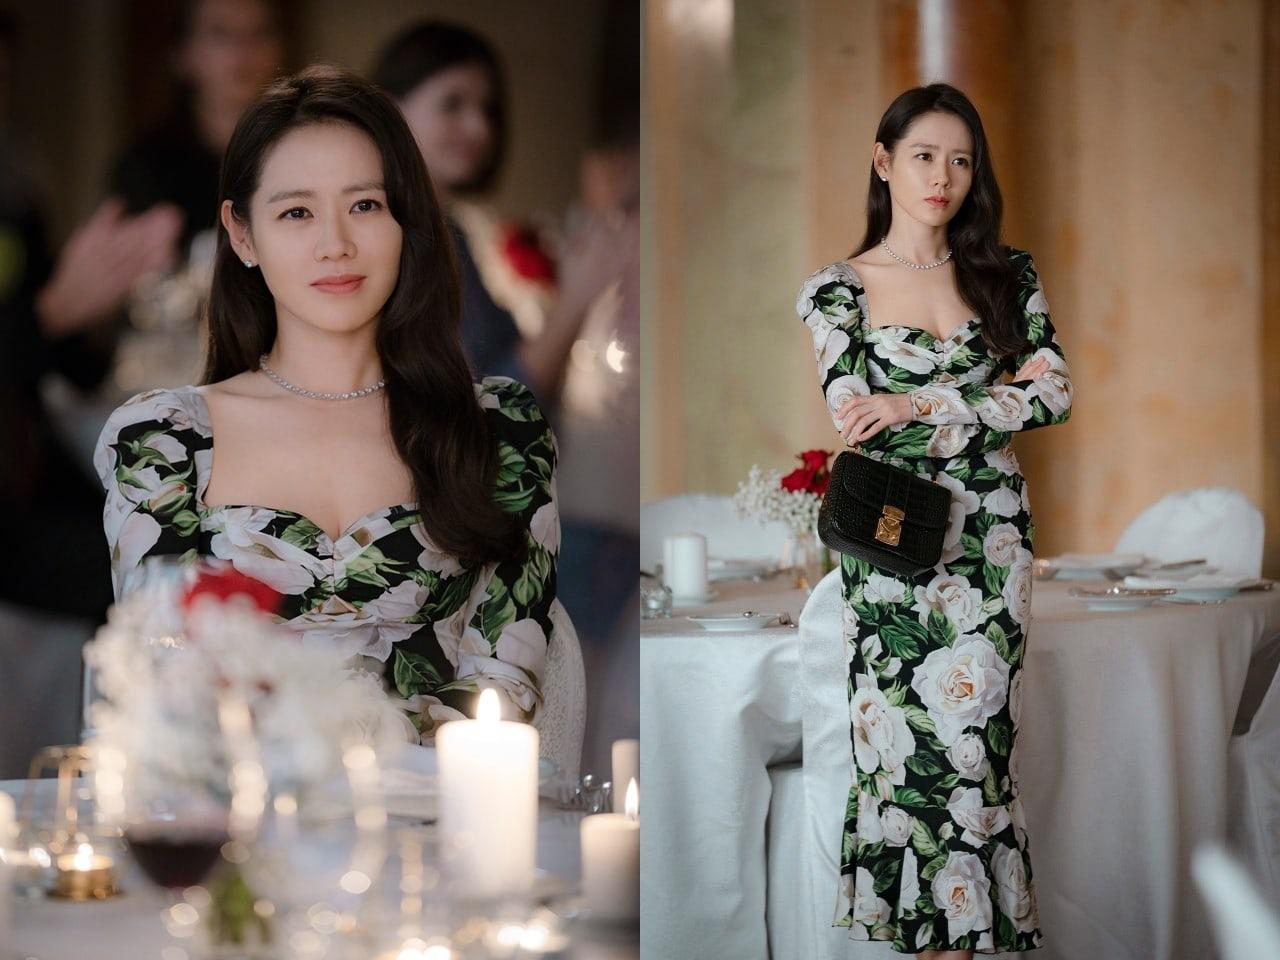 Mẹ Kim siêu vòng 3 đụng hàng chị đẹp Son Ye Jin và IU: Đố biết ai là người phá nát dáng chiếc váy này! - Ảnh 4.